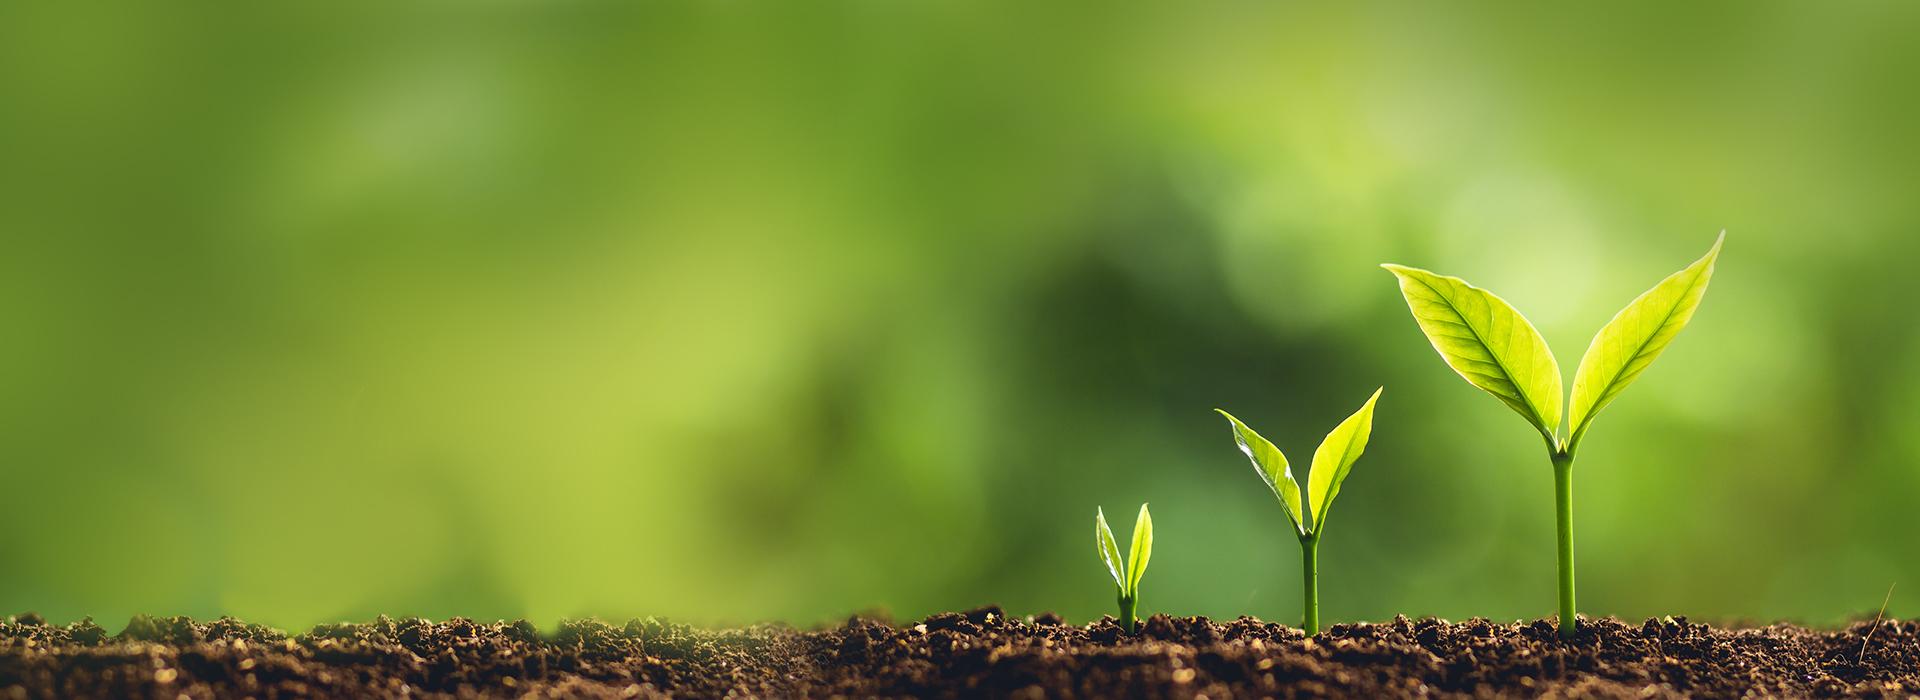 pflanzen sprießen aus der erde